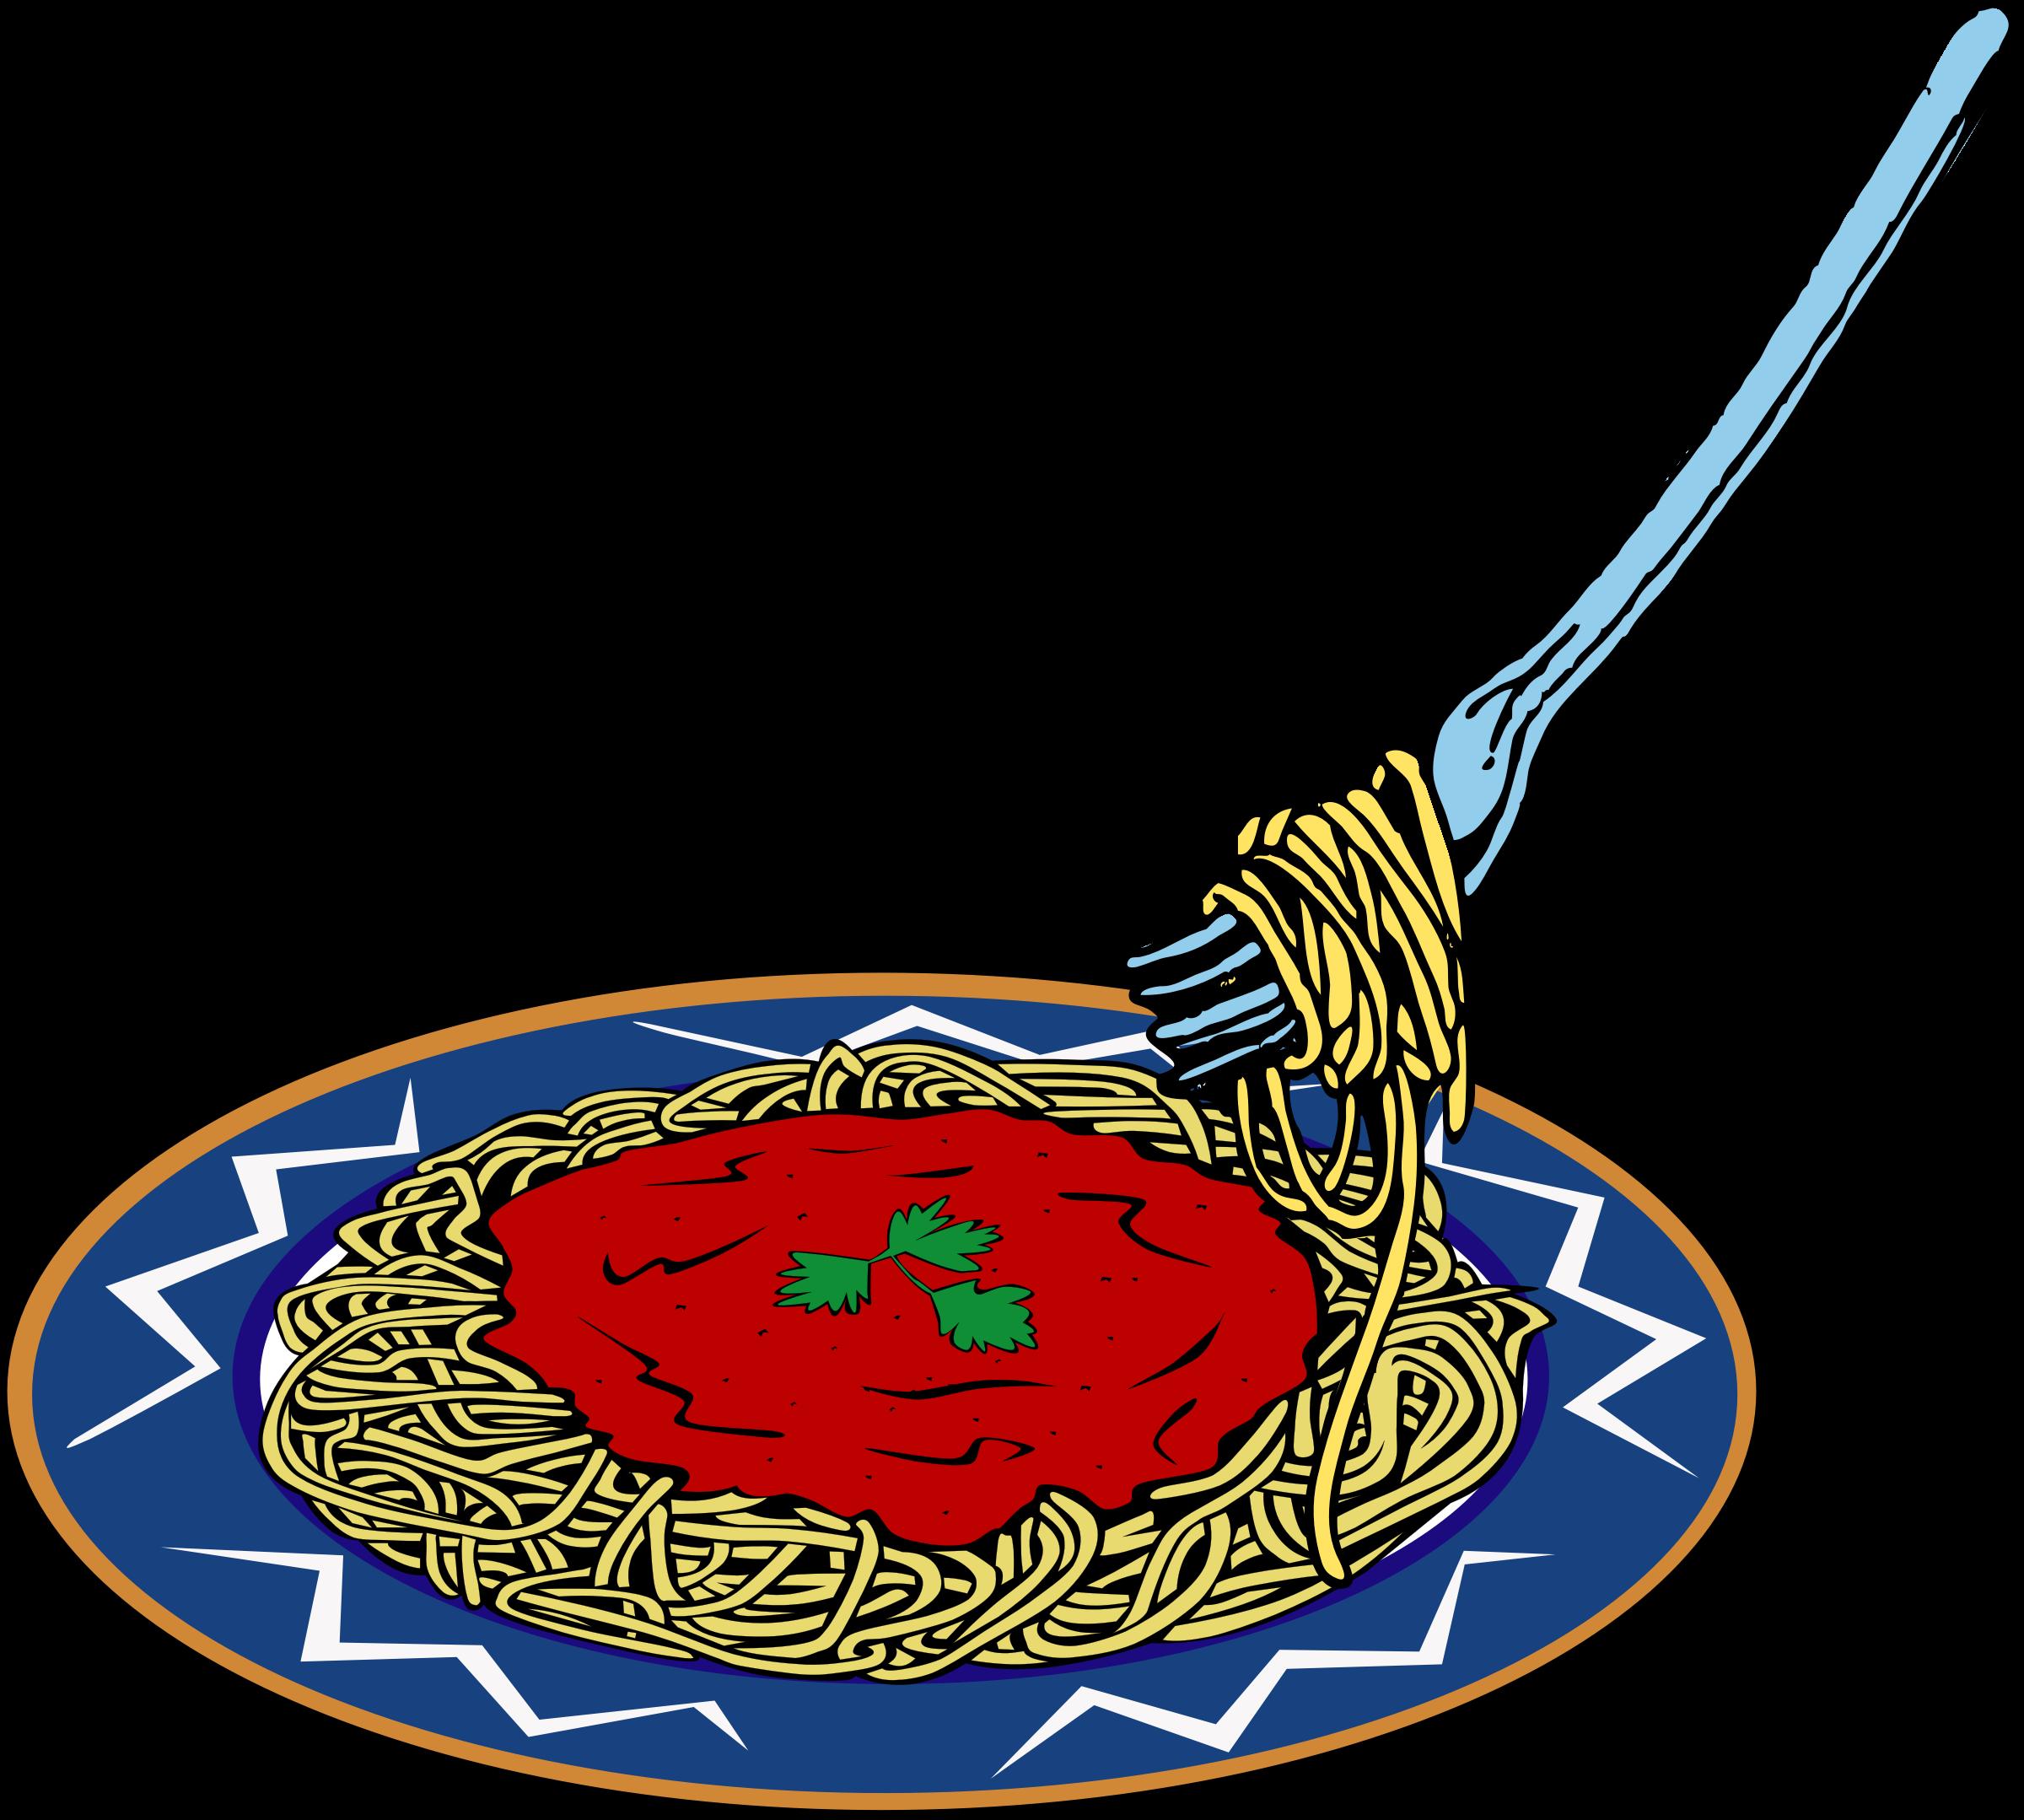 Free Spaghetti Cliparts, Download Free Clip Art, Free Clip.